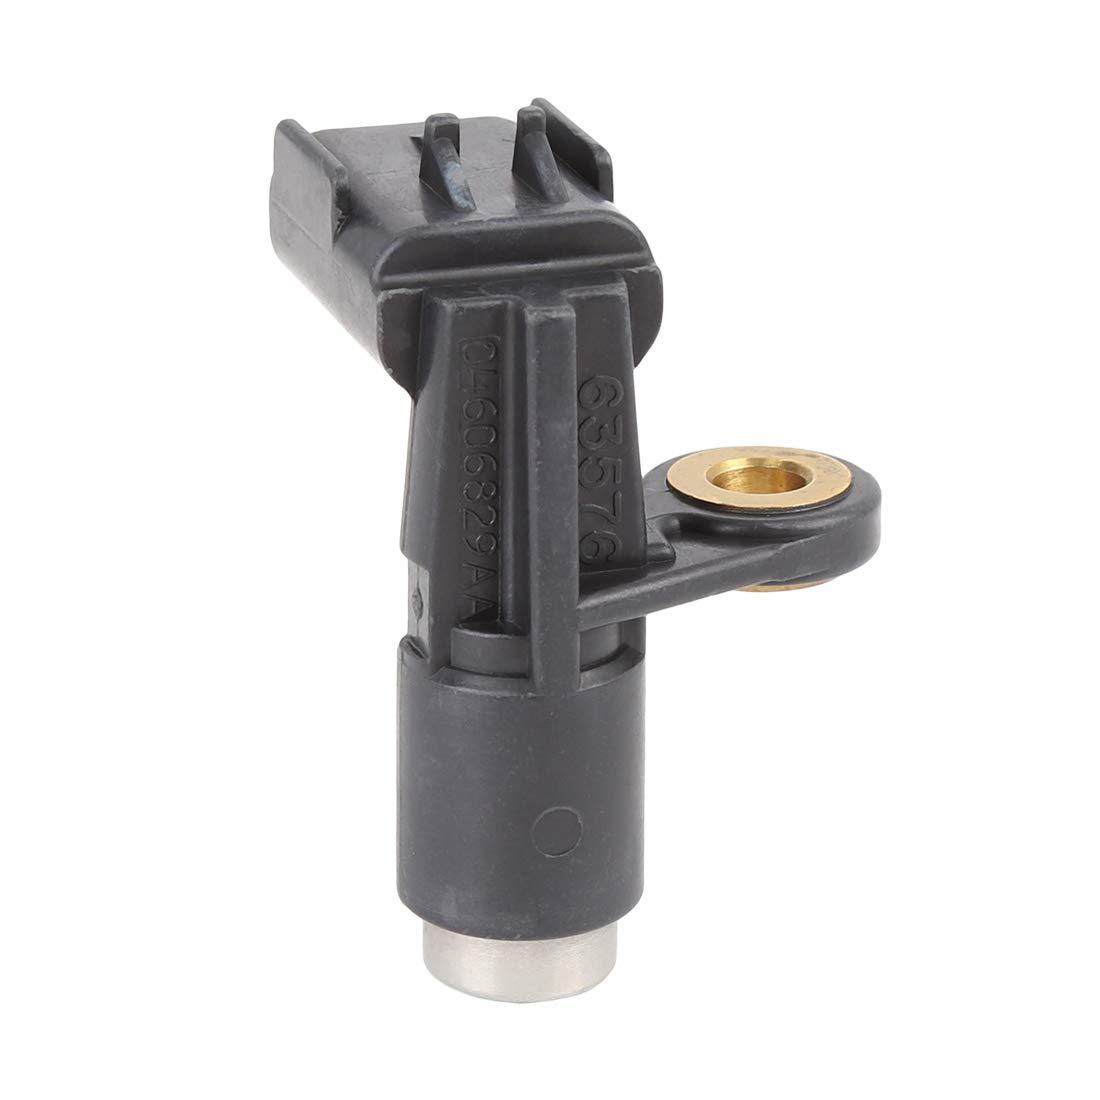 X AUTOHAUX Engine Crankshaft Position Sensor 04606829aa for Dodge Chrysler Plymouth Jeep